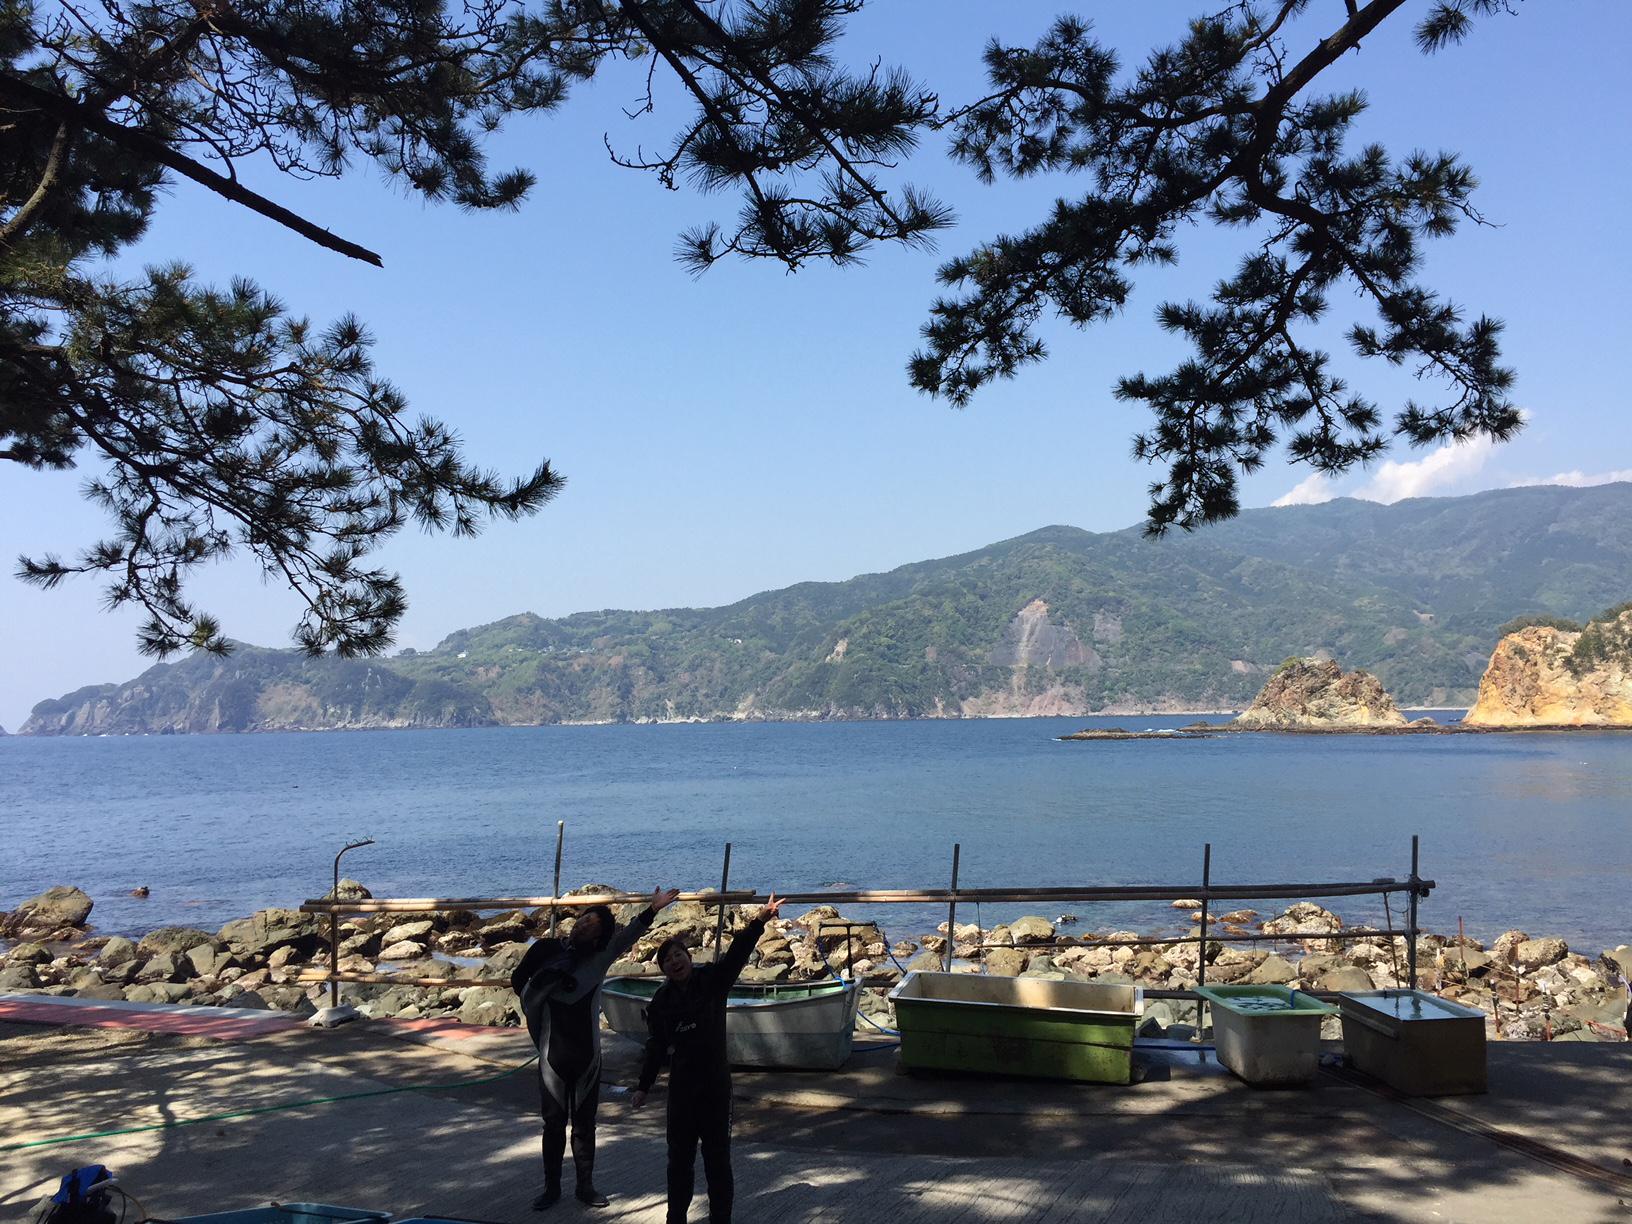 静岡県西伊豆町黄金崎公園ビーチの海